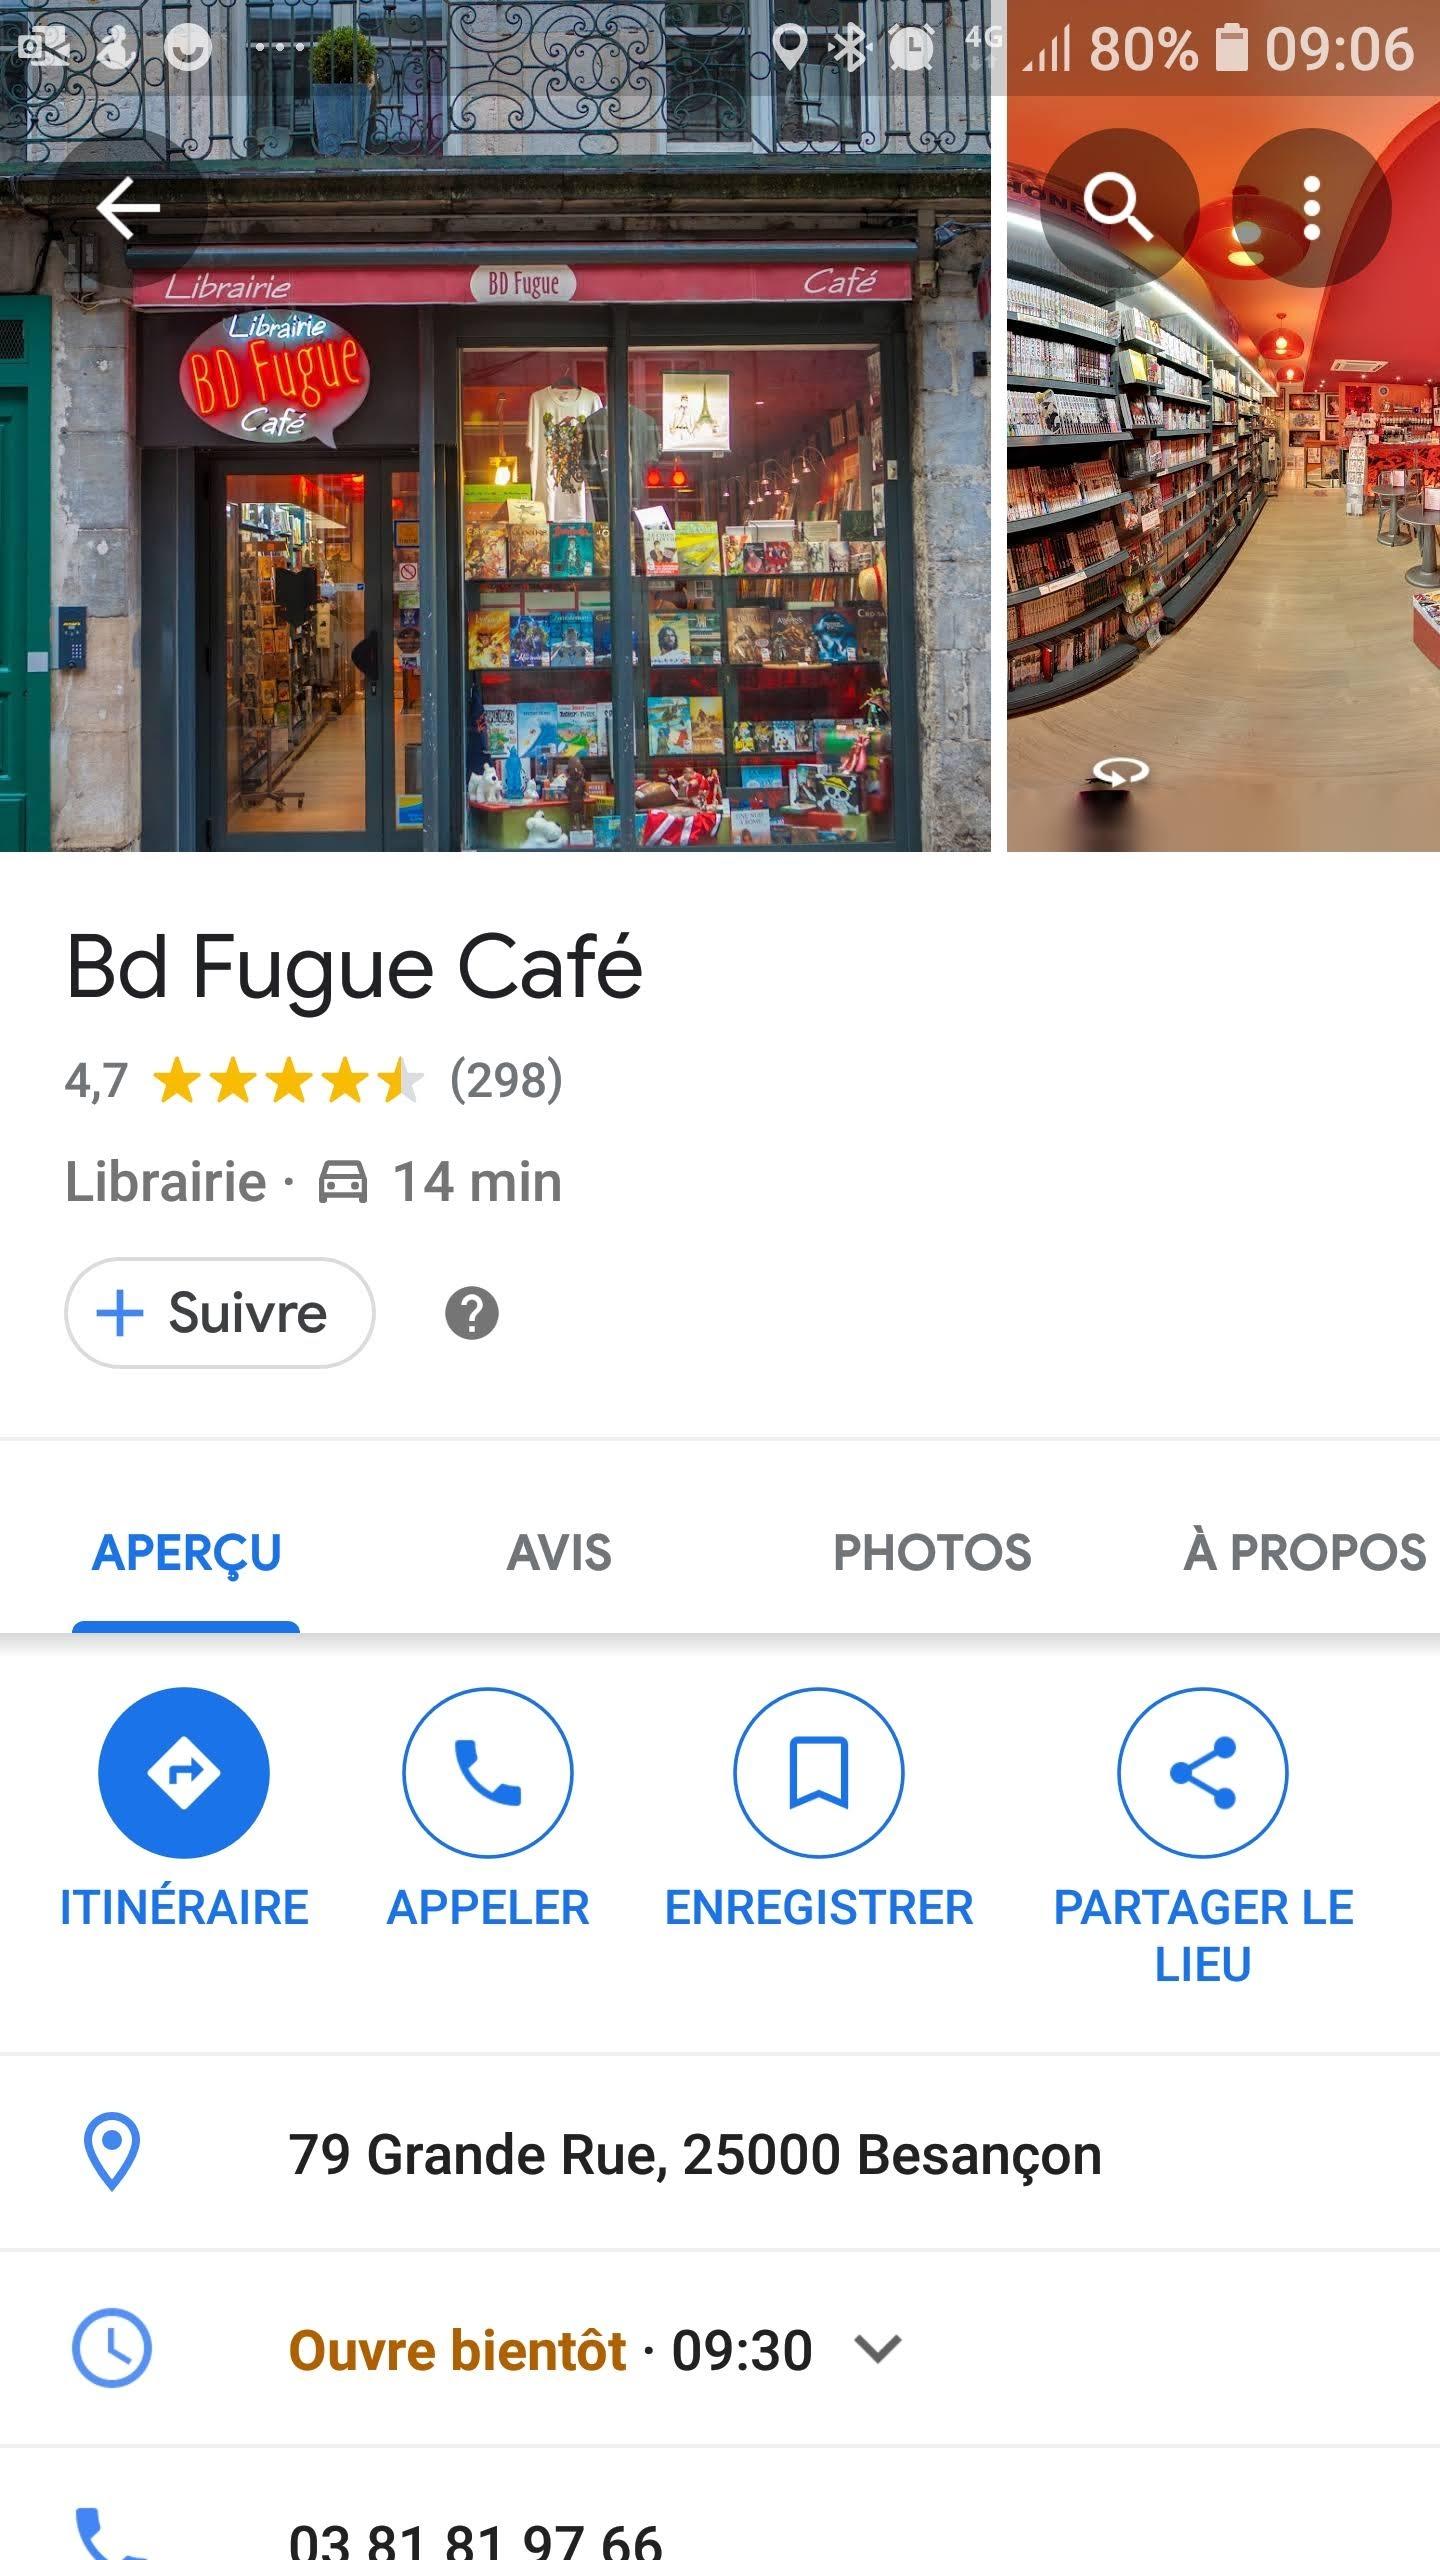 BD Fugue Café